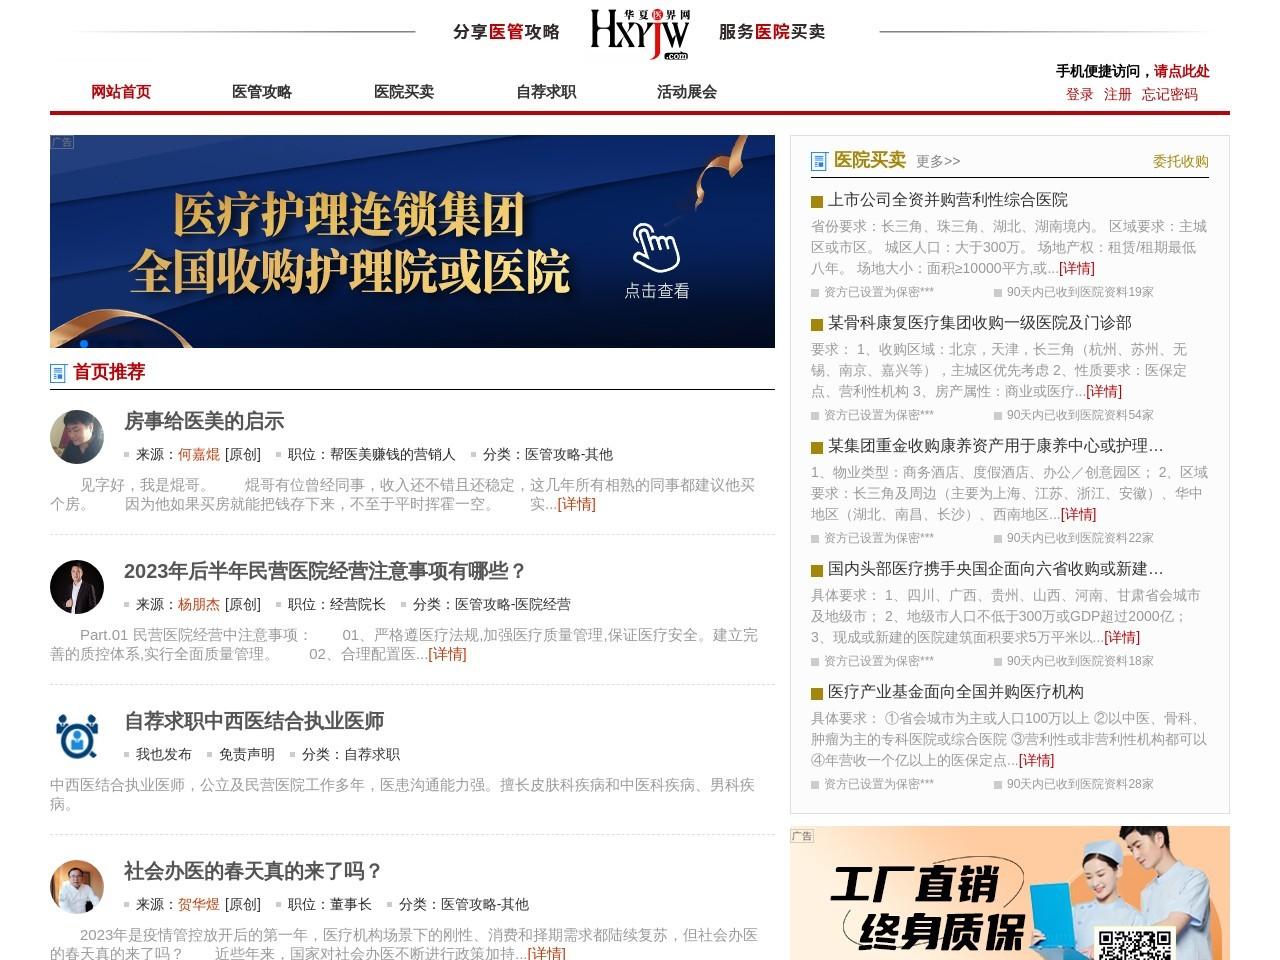 华夏医界网_民营医疗产业信息平台_民营医院营销管理培训